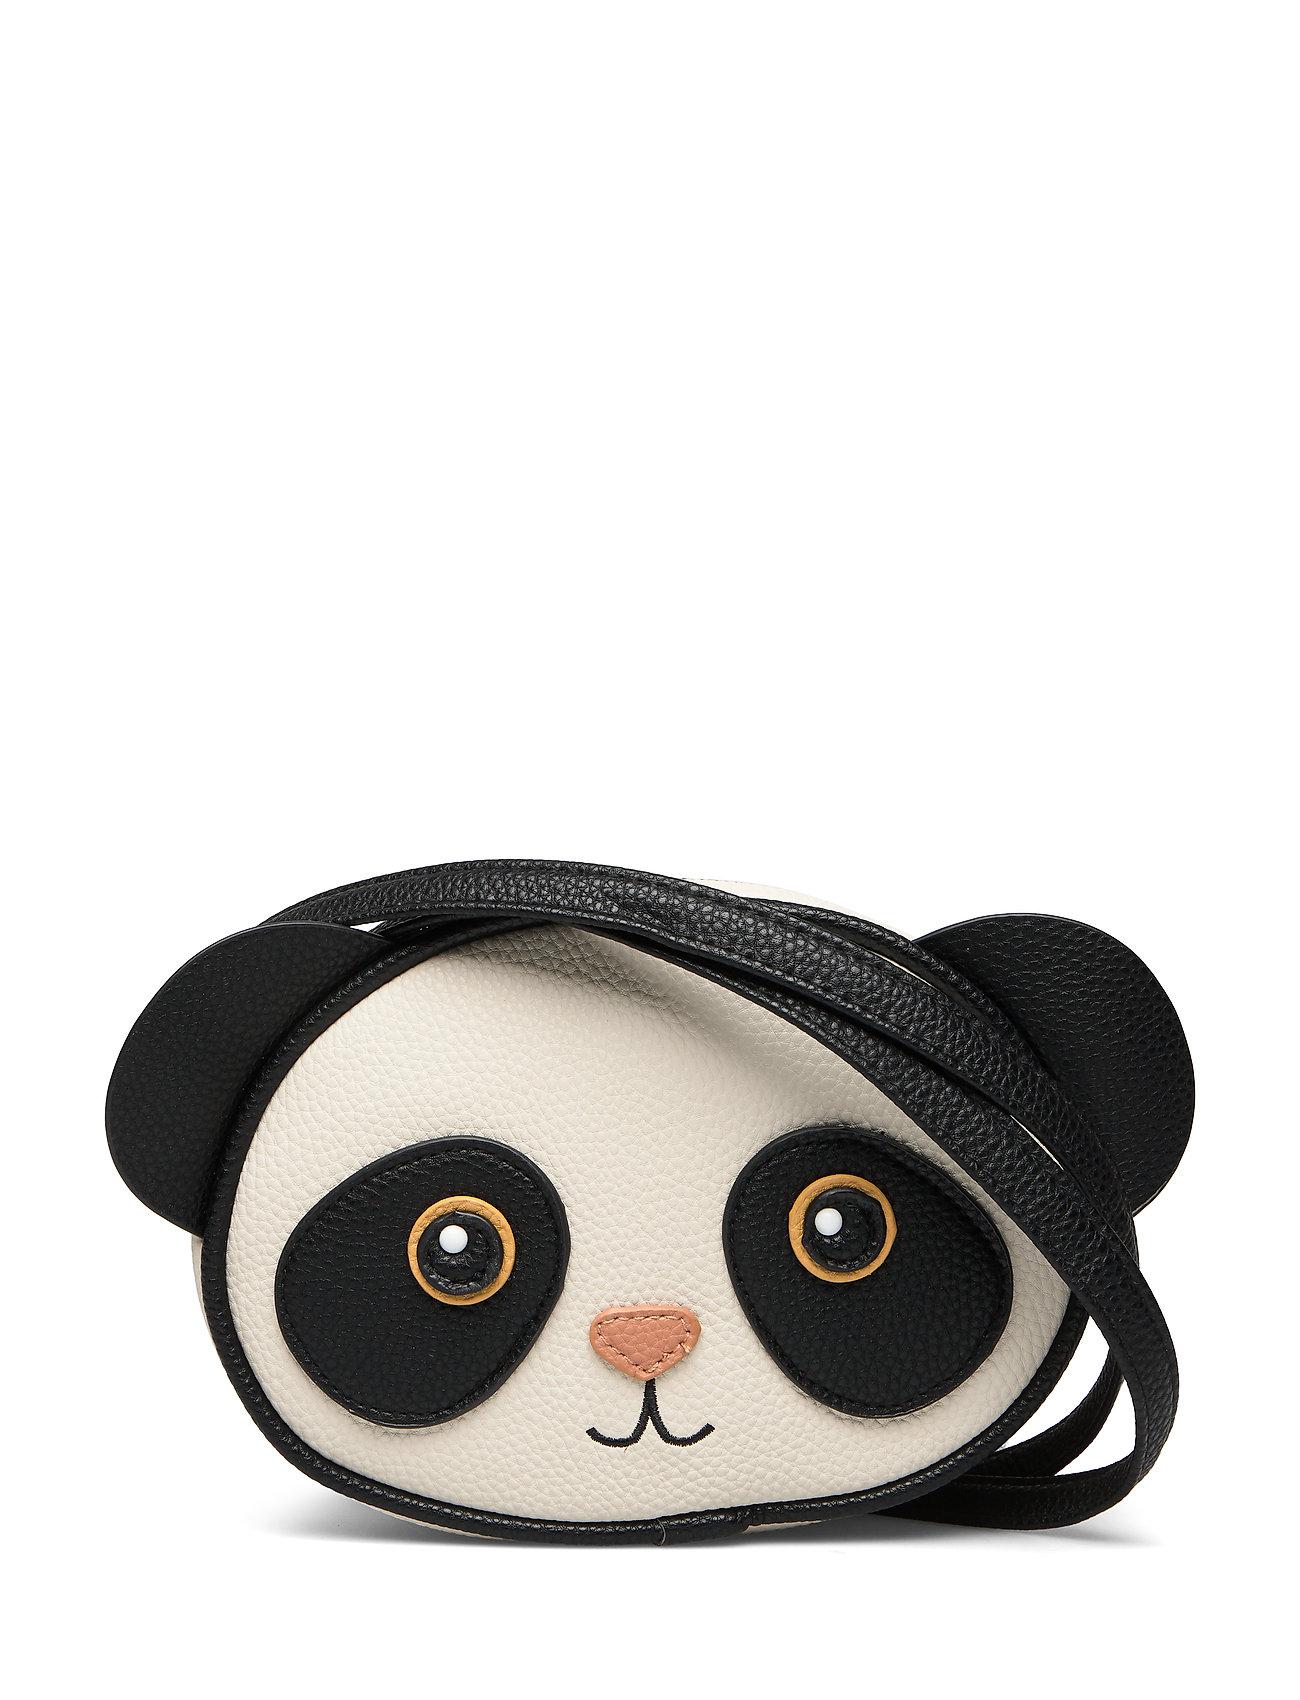 molo Panda Bag - BLACK/WHITE